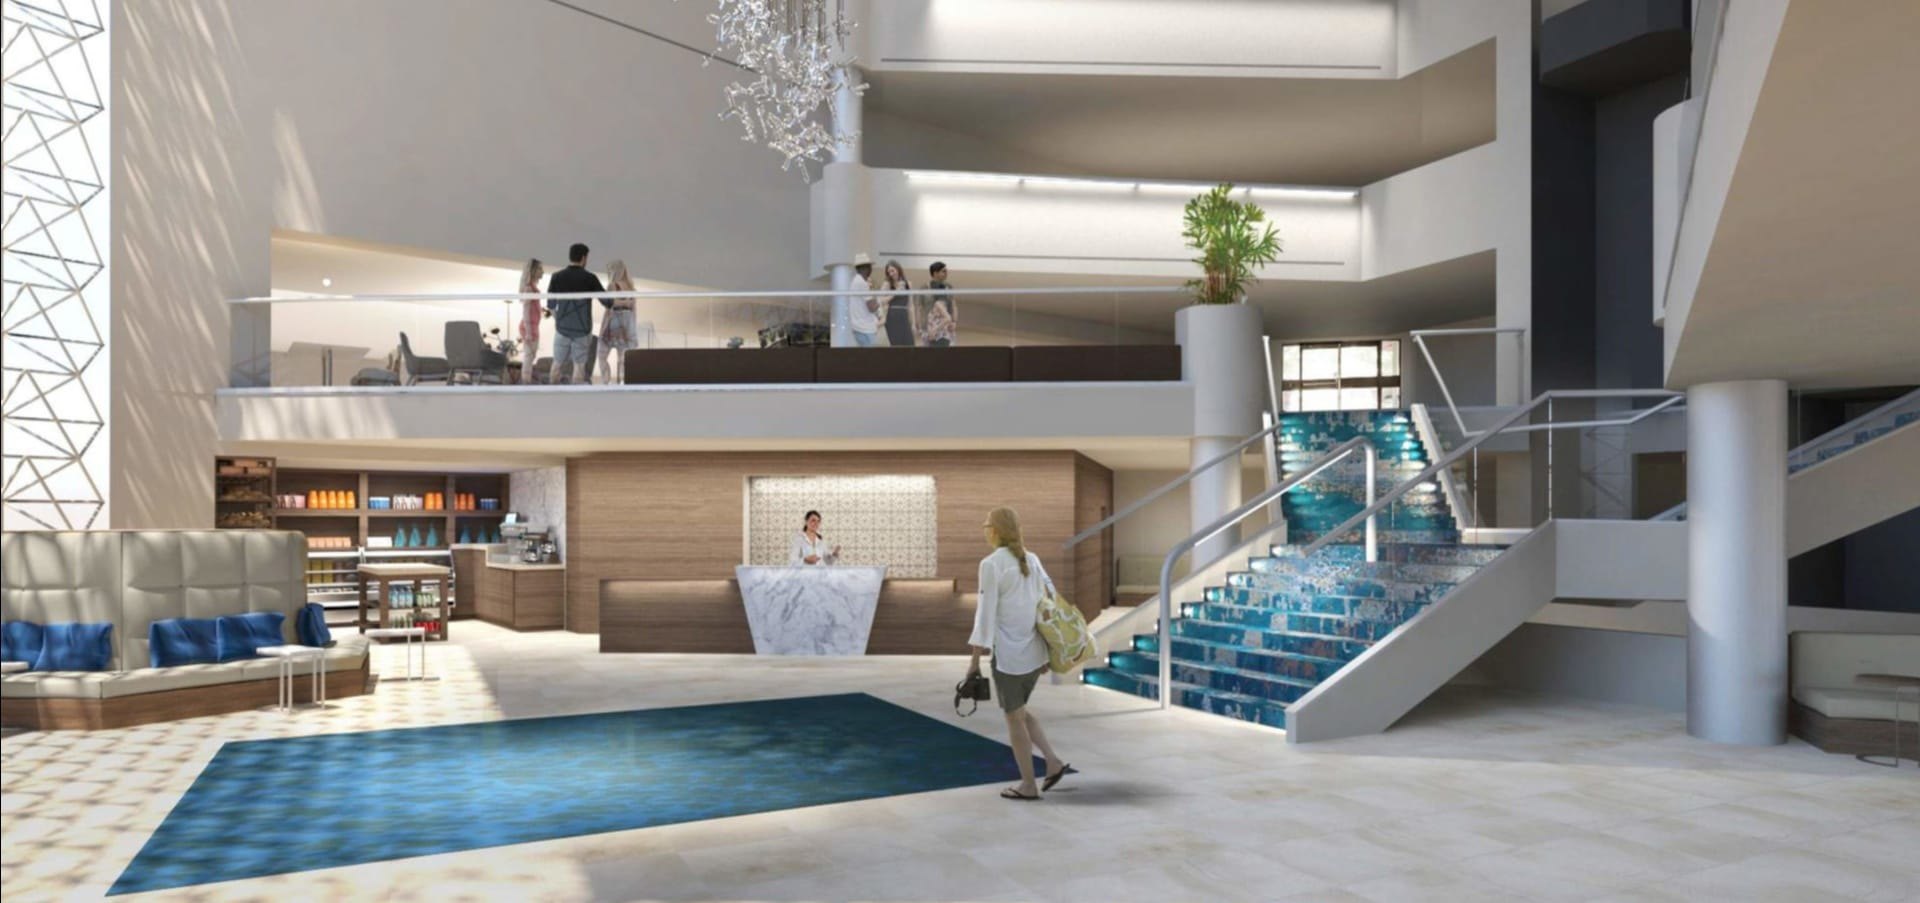 Rendering of Tucson hotel lobby